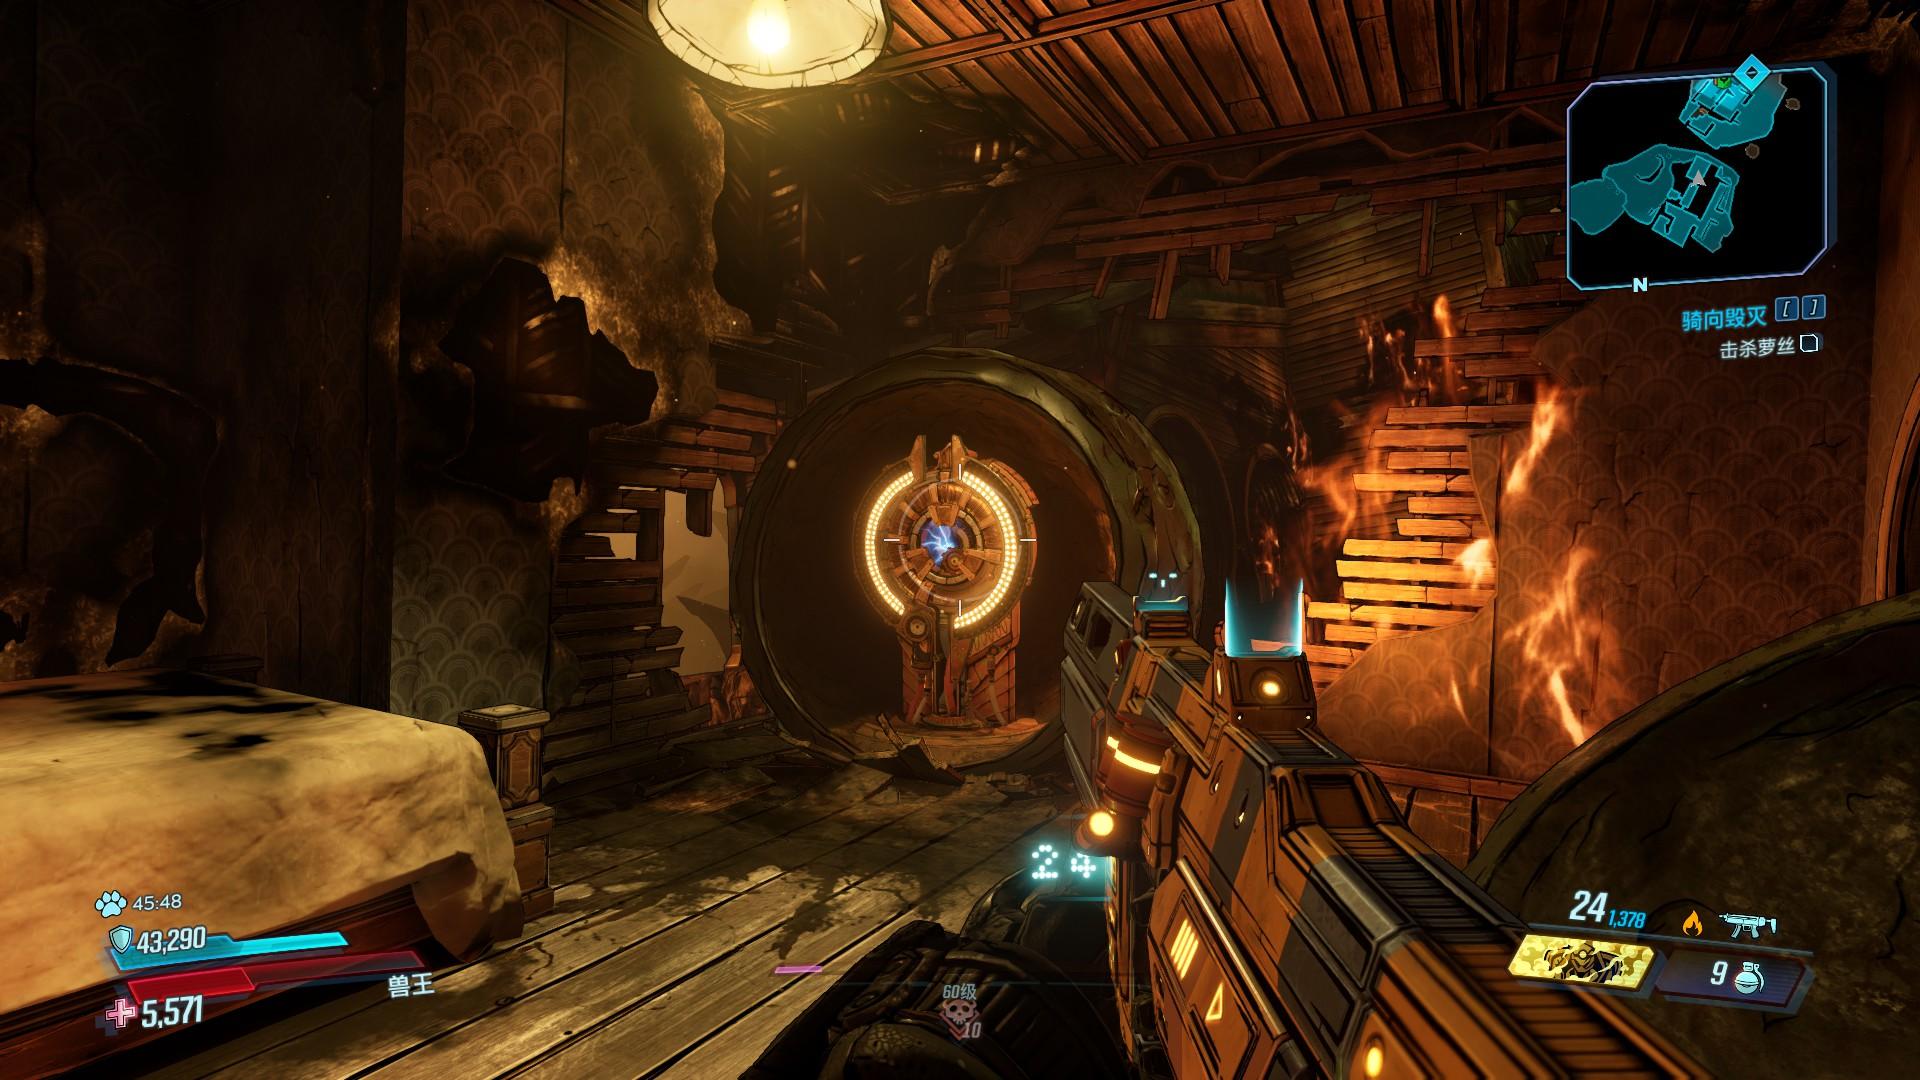 《无主之地3》DLC浴血镖客大作战评测:虎头蛇尾的西部故事